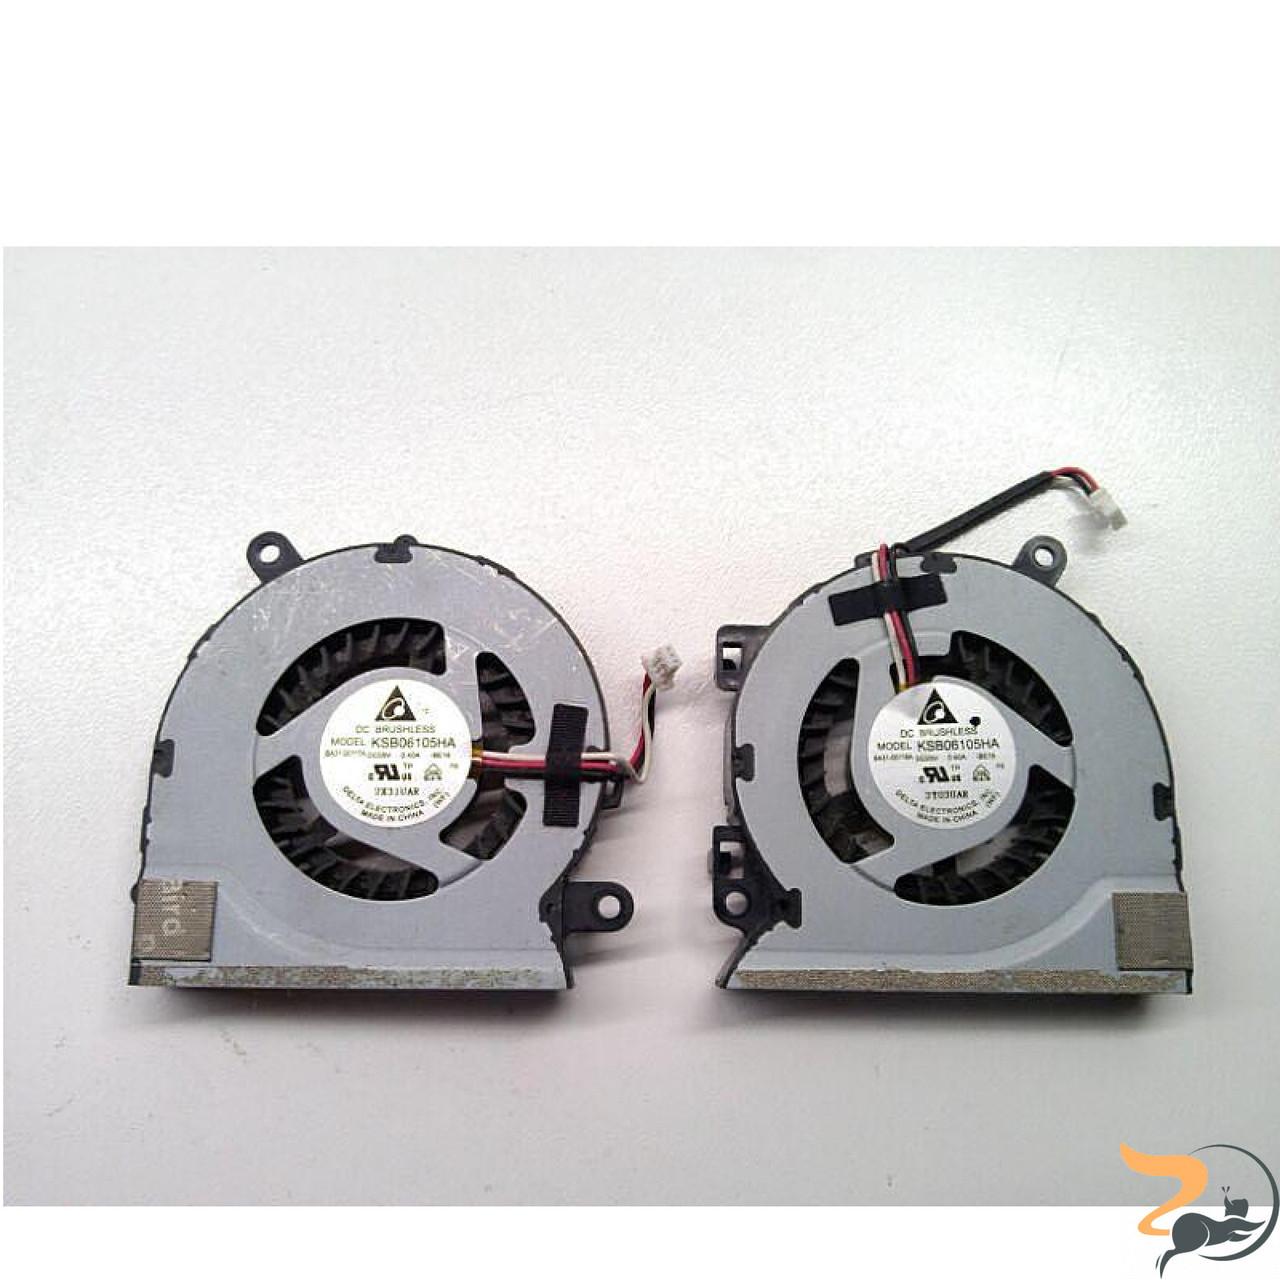 Вентилятори системи охолодження для ноутбука Samsung NP700Z5C, KSB06105HA, Б/В